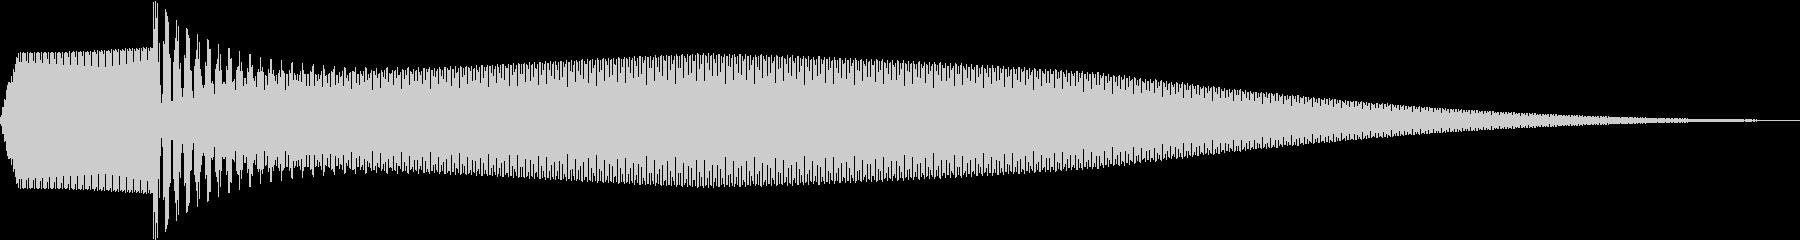 ピポン(キャンセル時の音)の未再生の波形